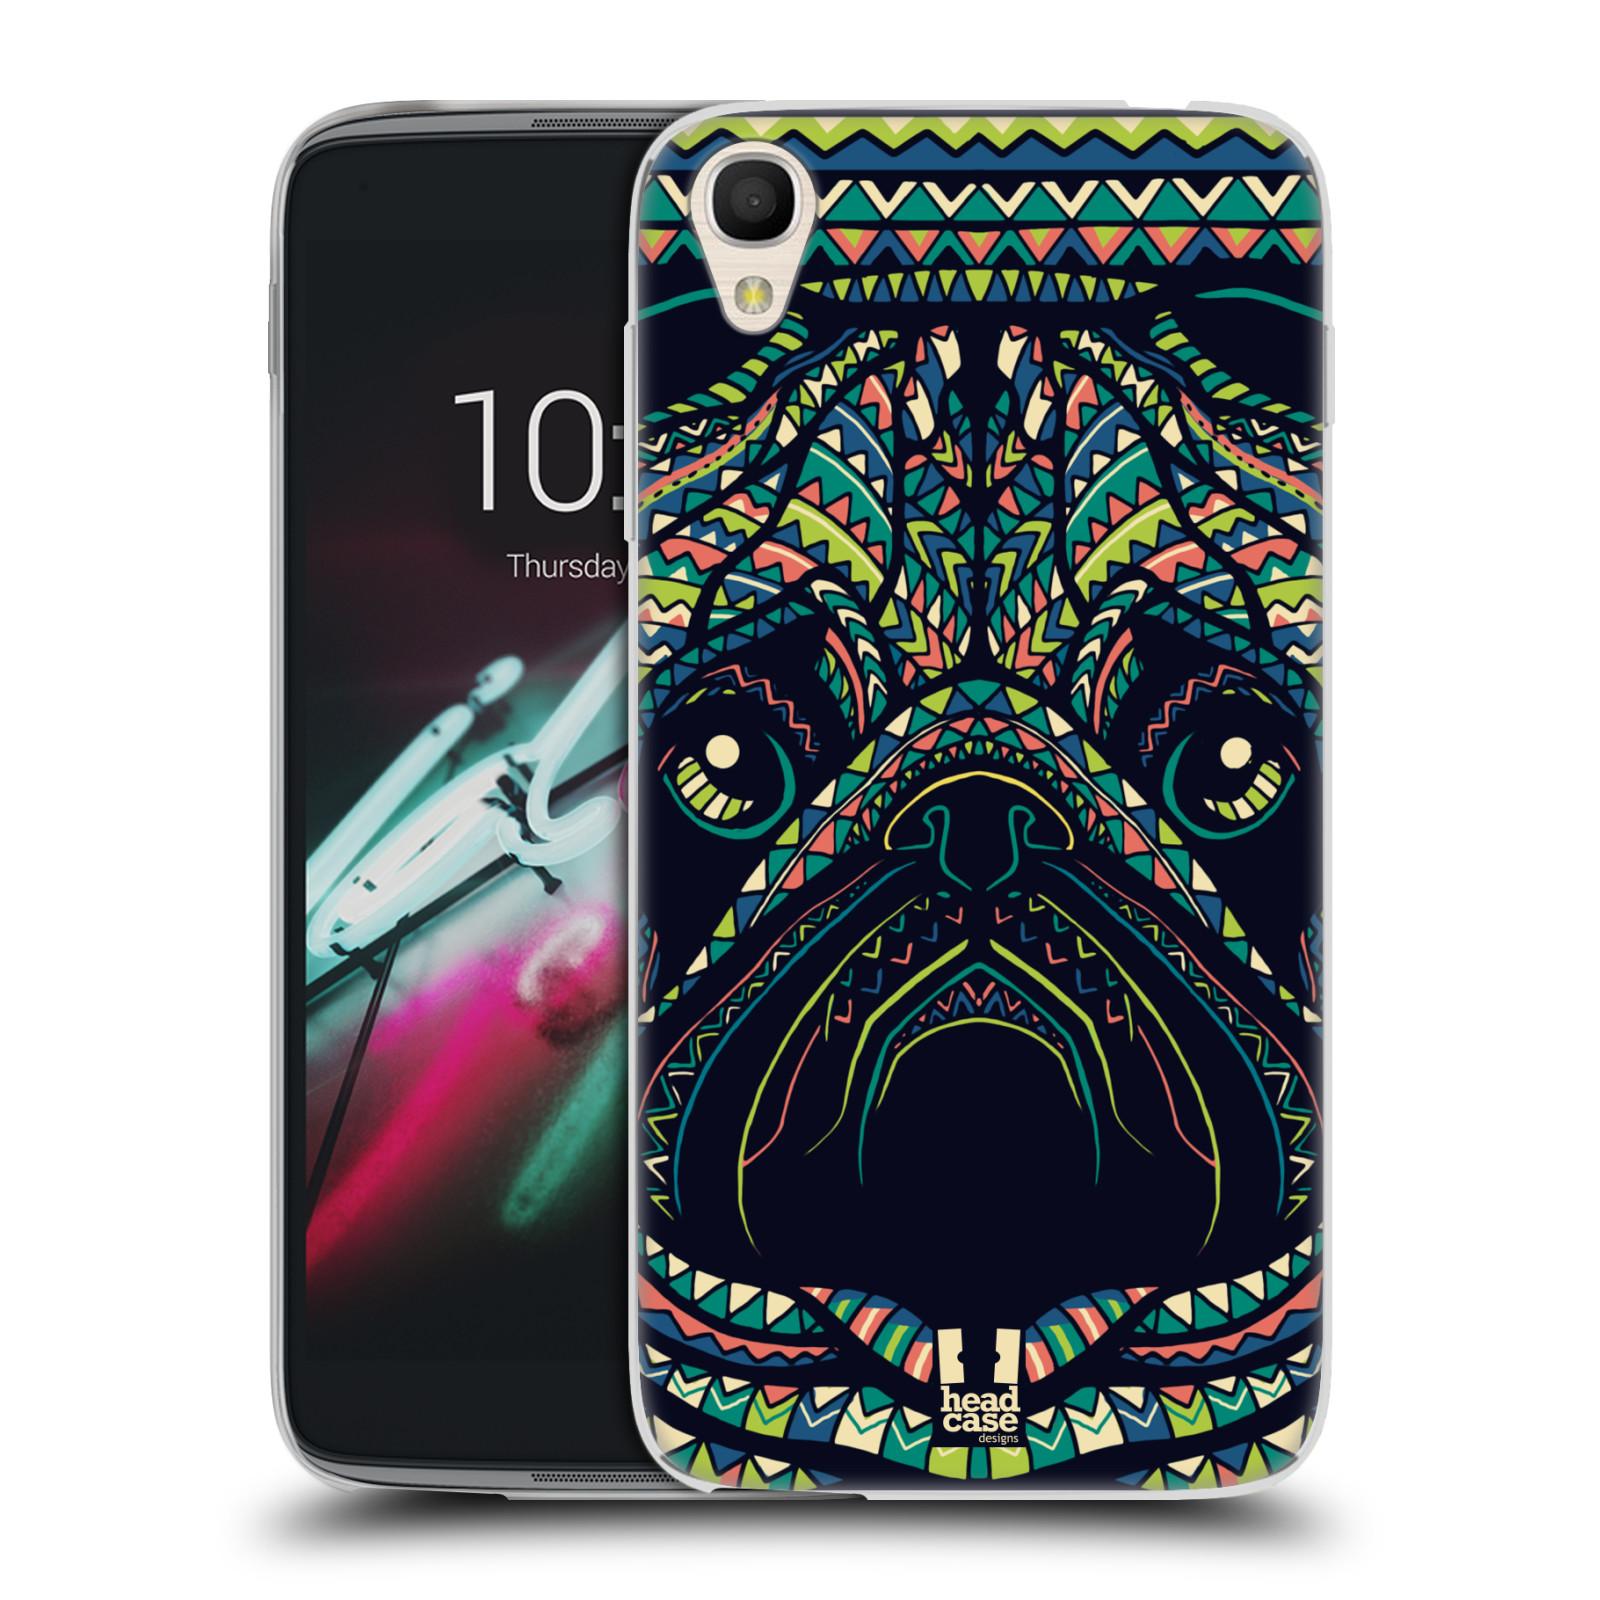 HEAD CASE silikonový obal na mobil Alcatel Idol 3 OT-6039Y (4.7) vzor Aztécký motiv zvíře 3 mopsík